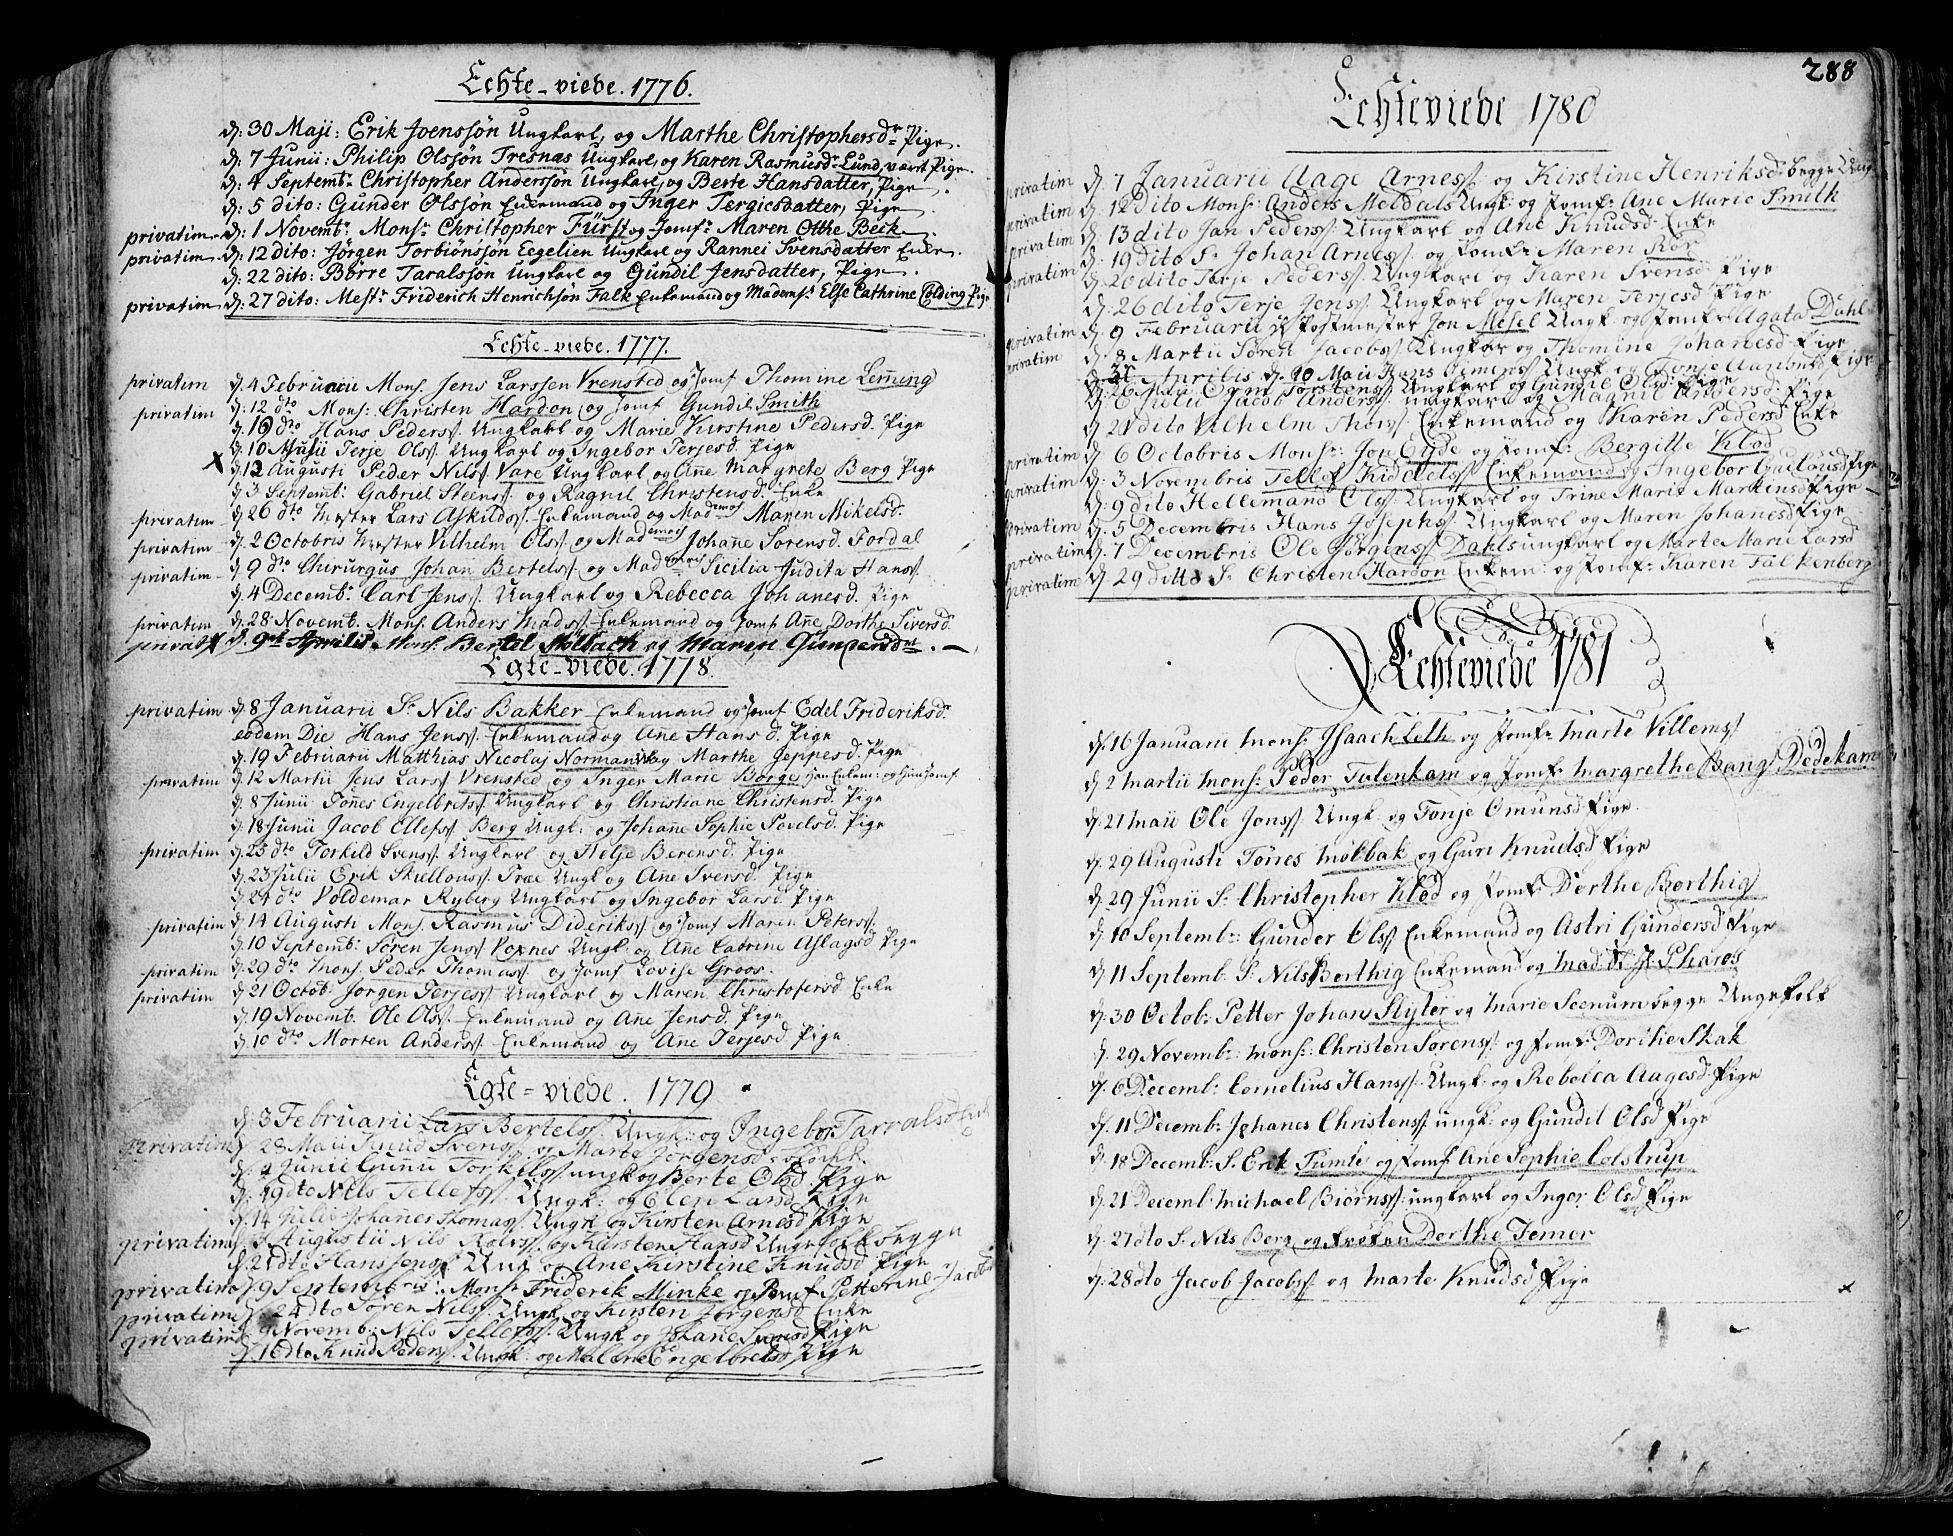 SAK, Arendal sokneprestkontor, Trefoldighet, F/Fa/L0001: Ministerialbok nr. A 1, 1703-1815, s. 364